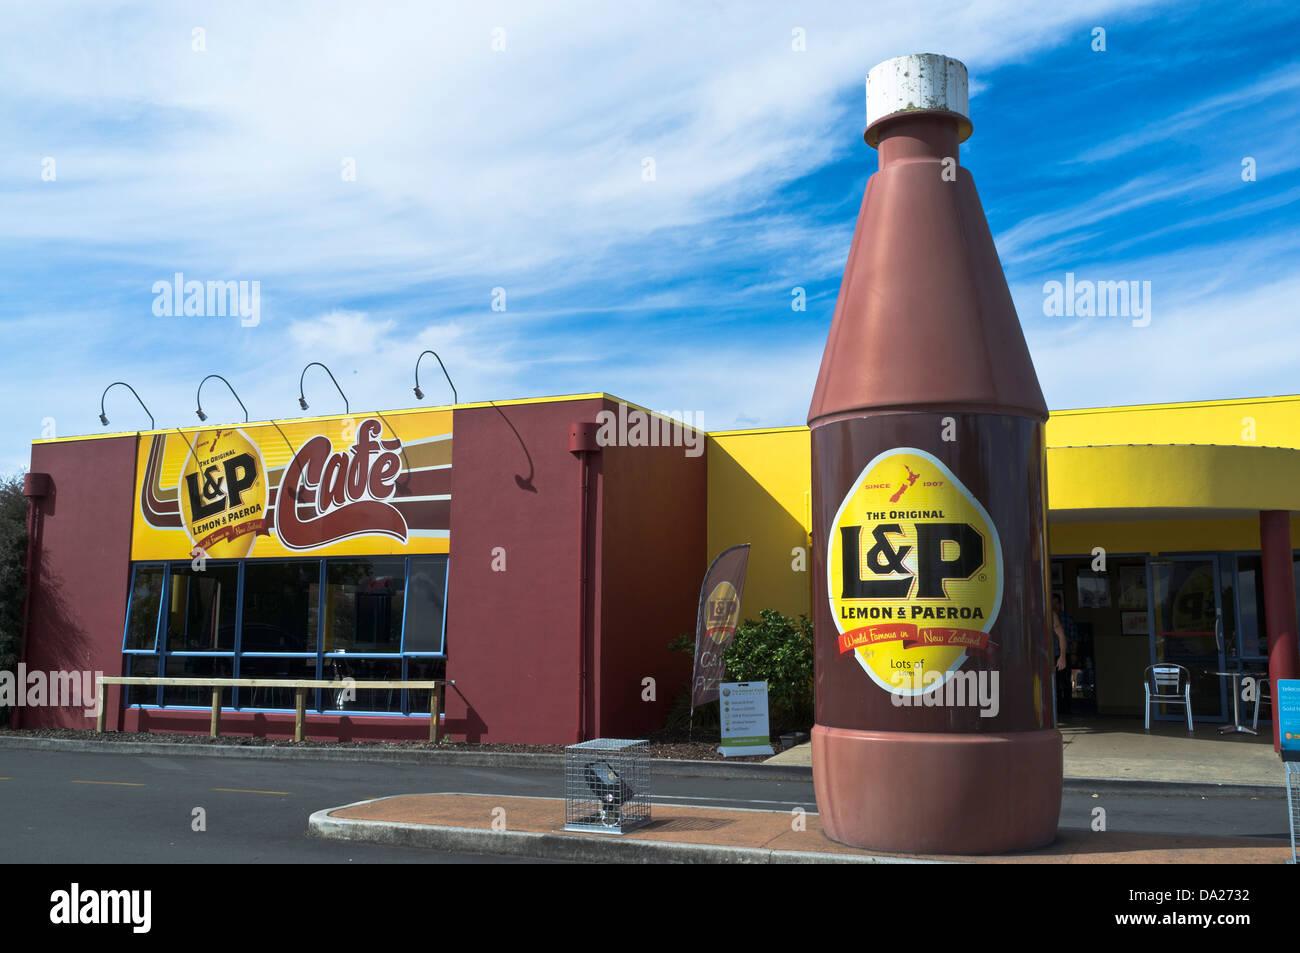 Dh PAEROA Nouvelle-zélande Citron et Paeroa cafe Photo Stock